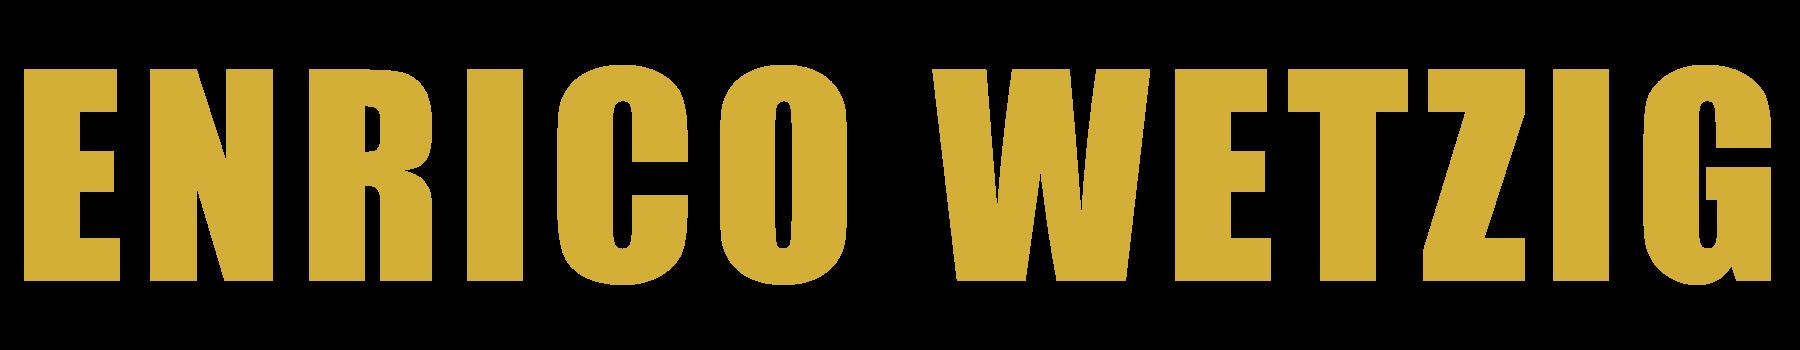 enricowetzig.com